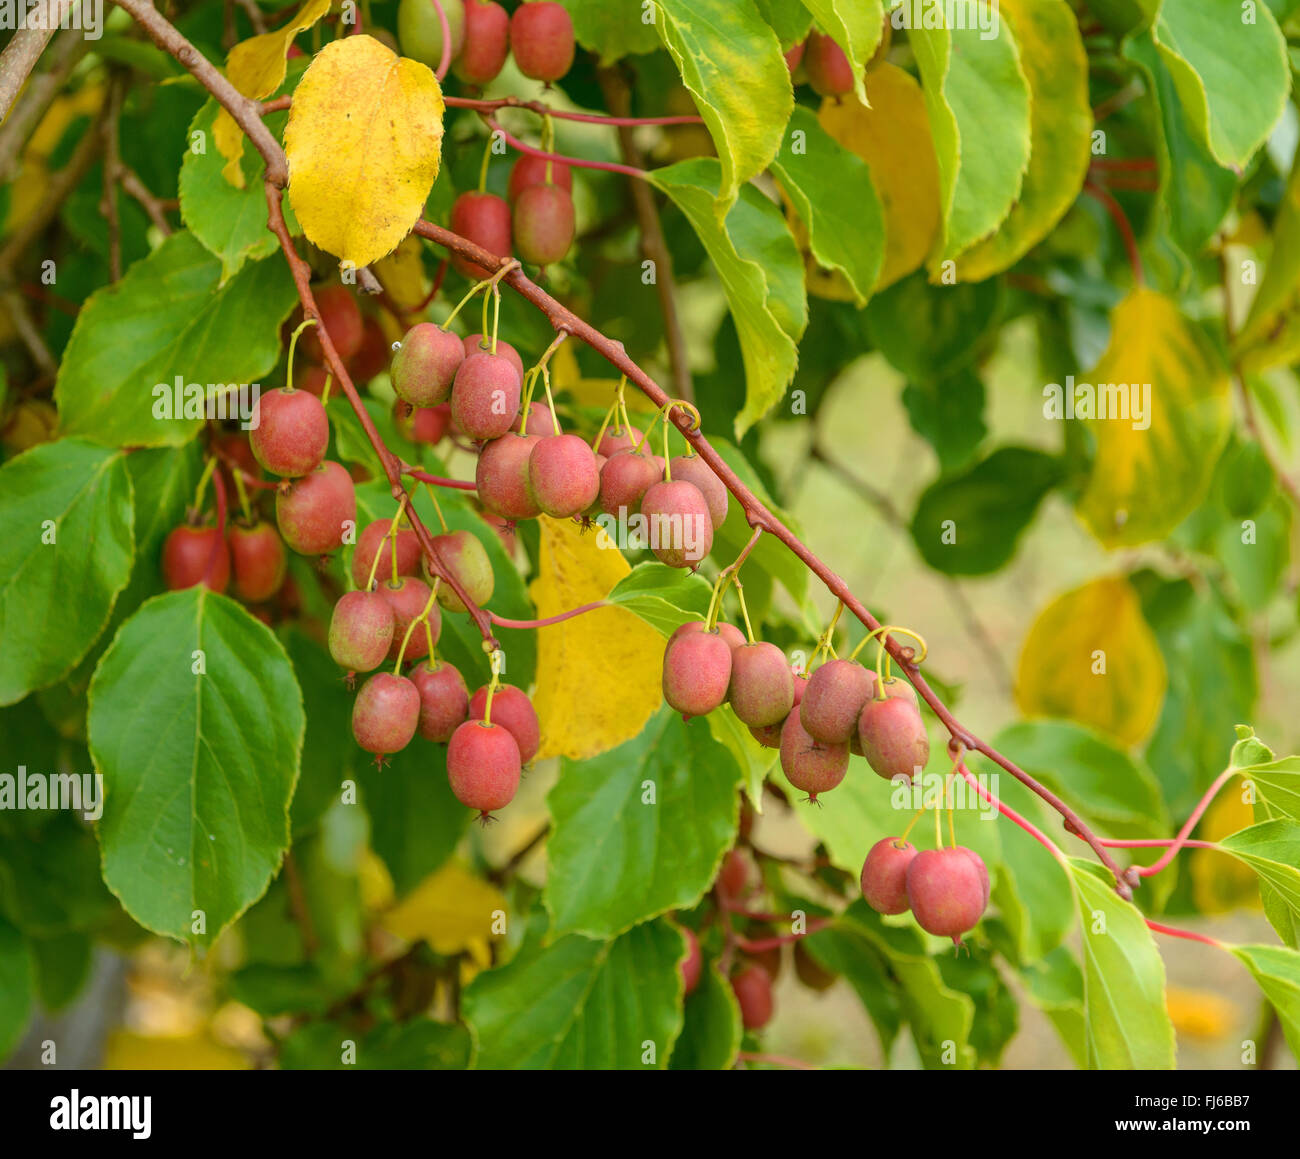 Tara Vine, Bower Actinidia, Mini Kiwi (Actinidia arguta 'Weiki', Actinidia arguta Weiki), cultivar Weiki, - Stock Image